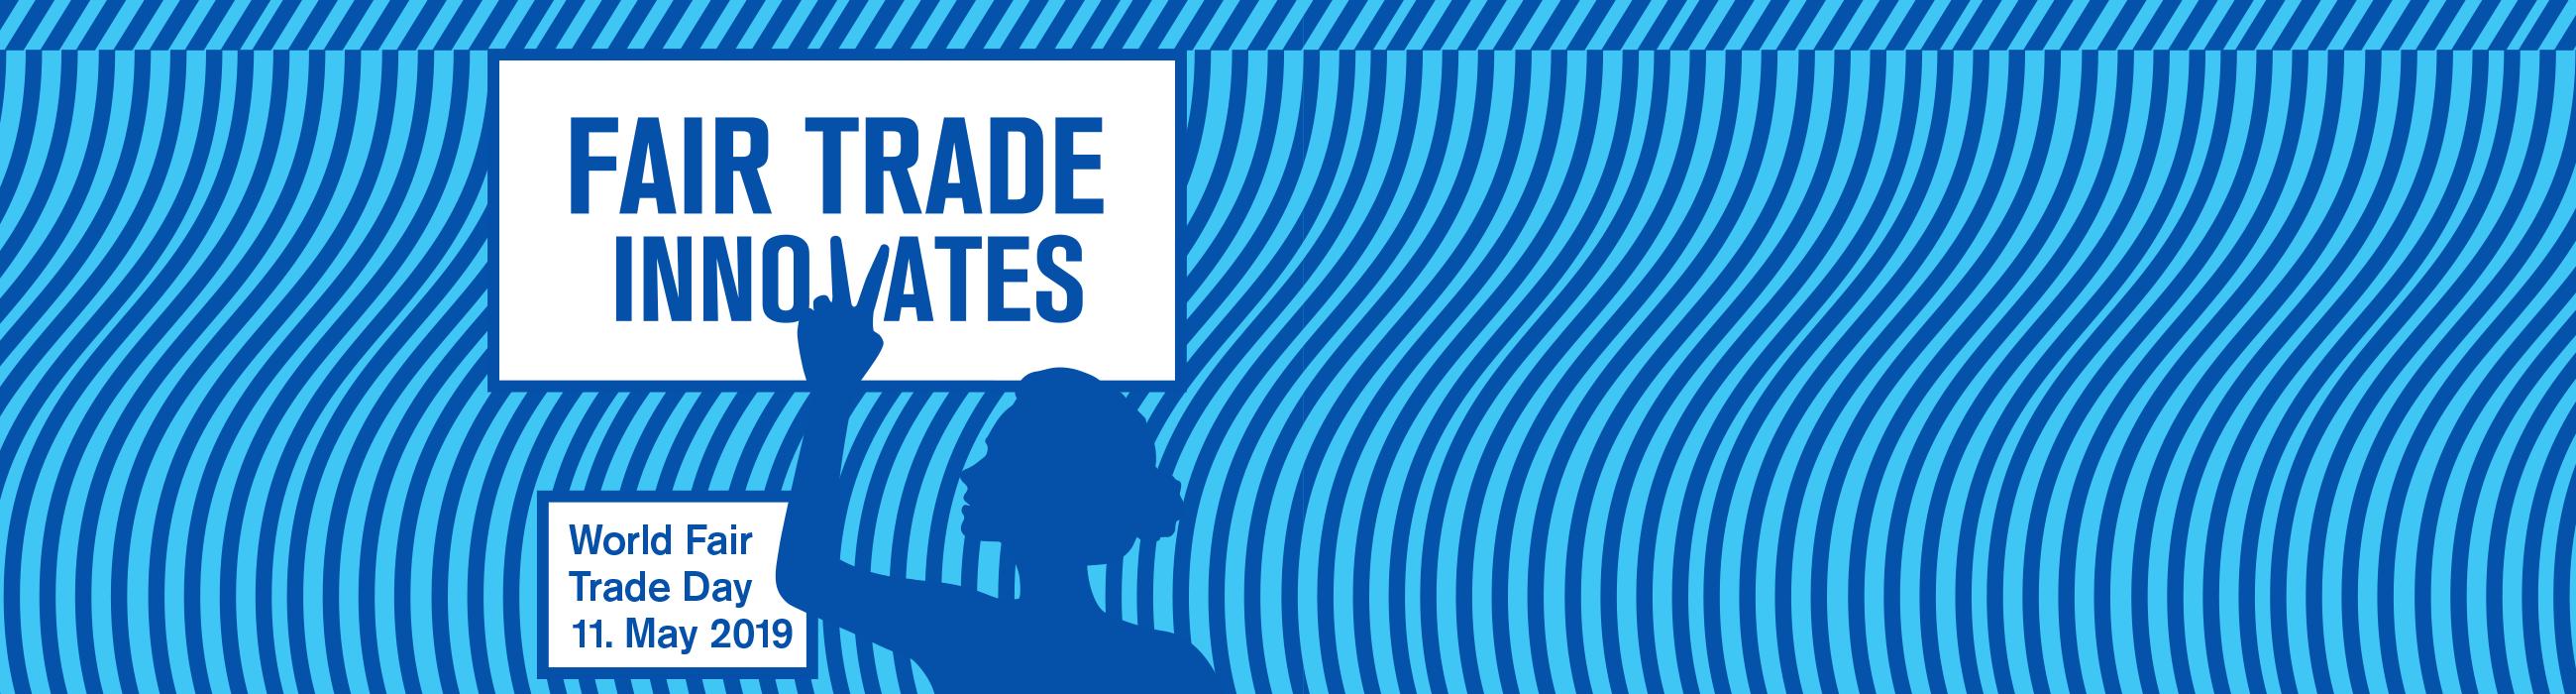 World Fair Trade Day 2019 - Fair Trade Innovates